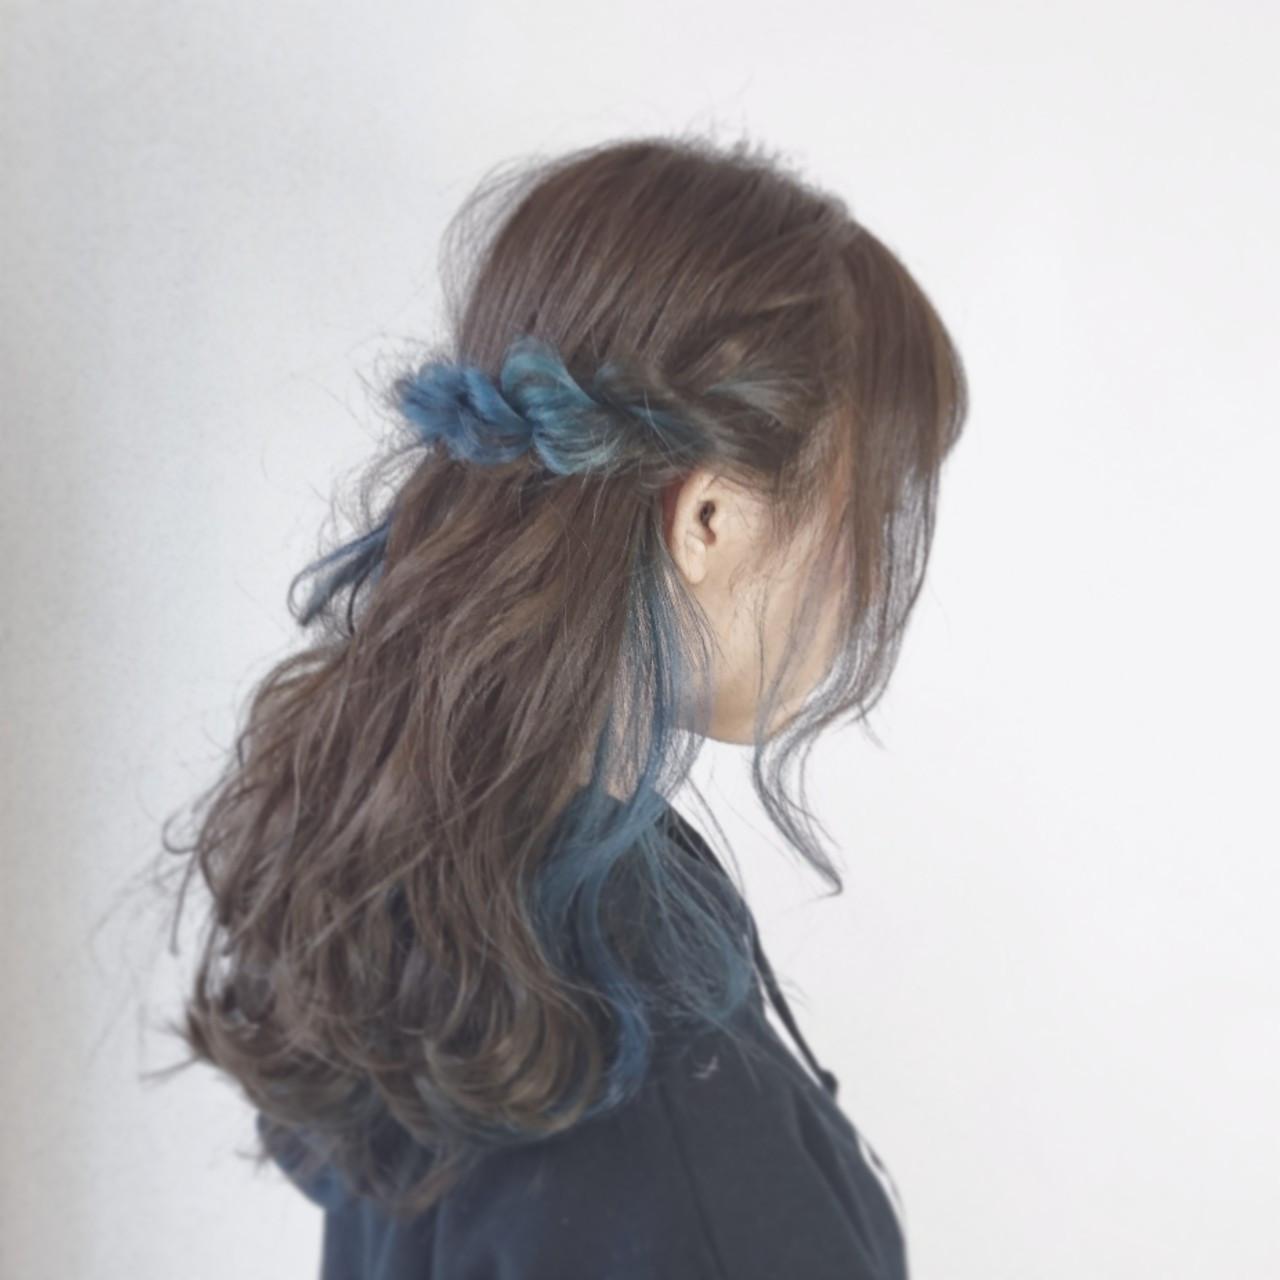 アッシュ インナーカラー ロープ編み ヘアアレンジ ヘアスタイルや髪型の写真・画像